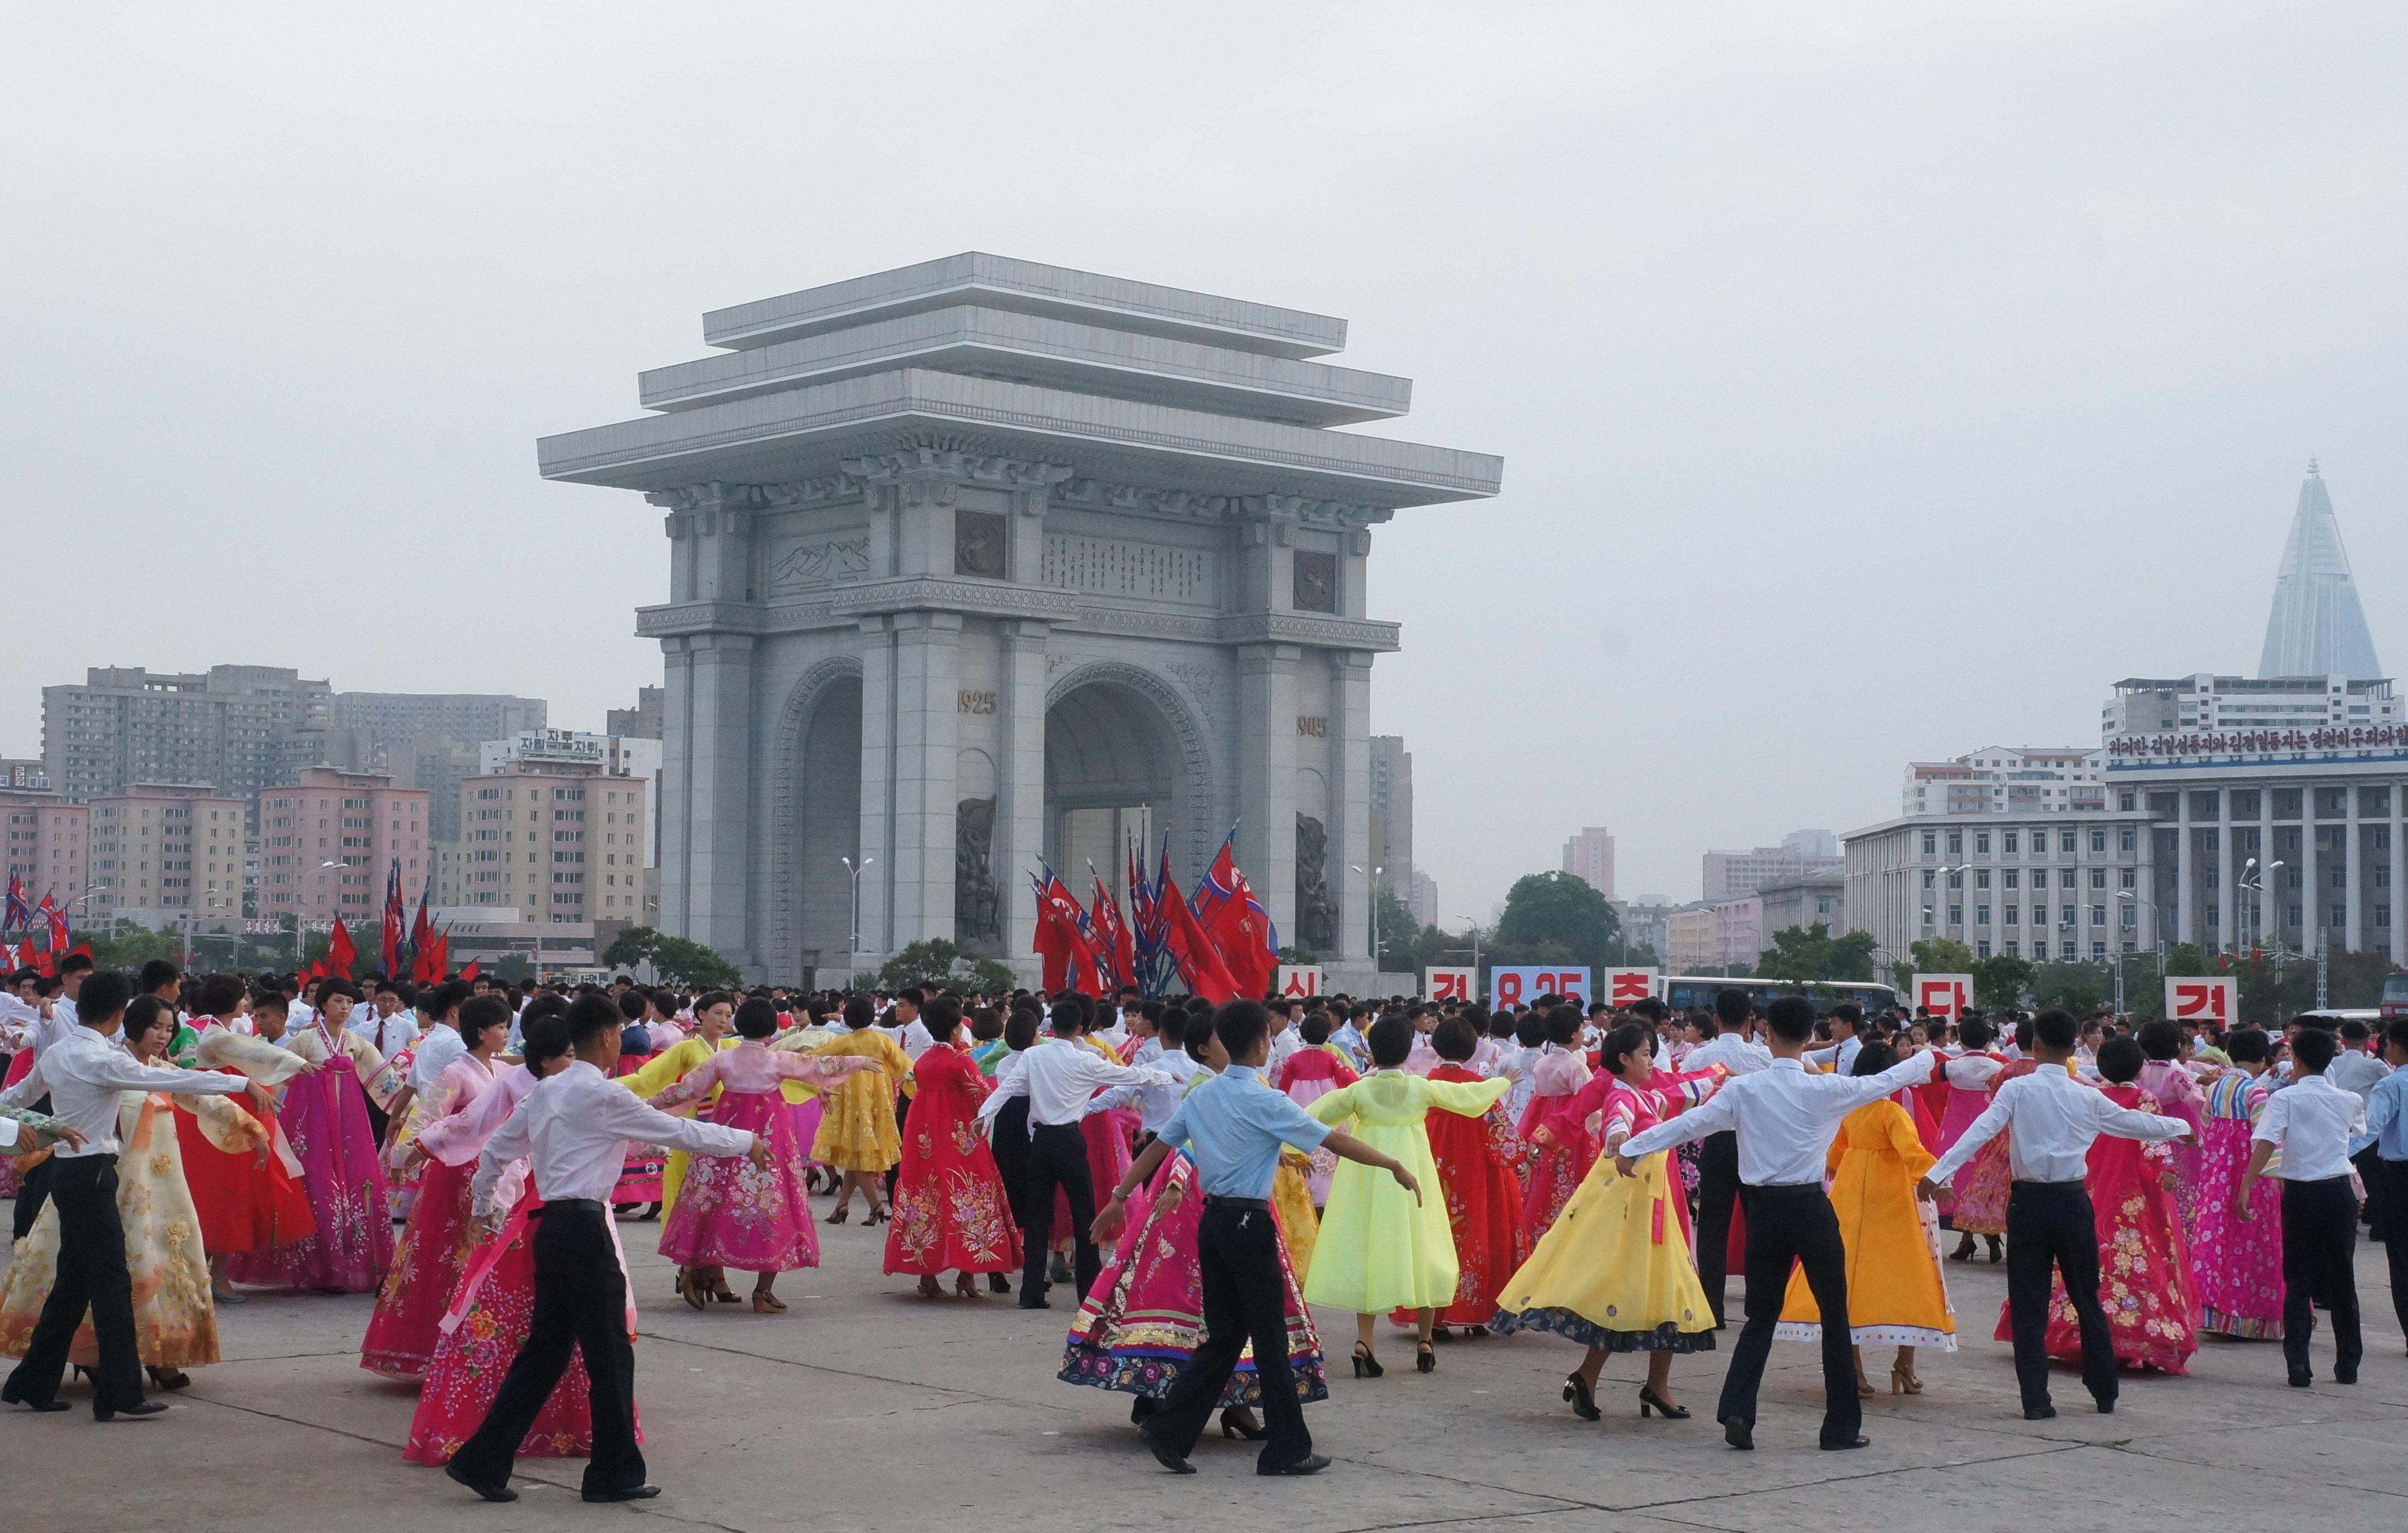 Arco del Triunfo de Pyonyang (el más alto del mundo) fue construido para conmemorar la resistencia del pueblo coreano frente al Imperio del Japón